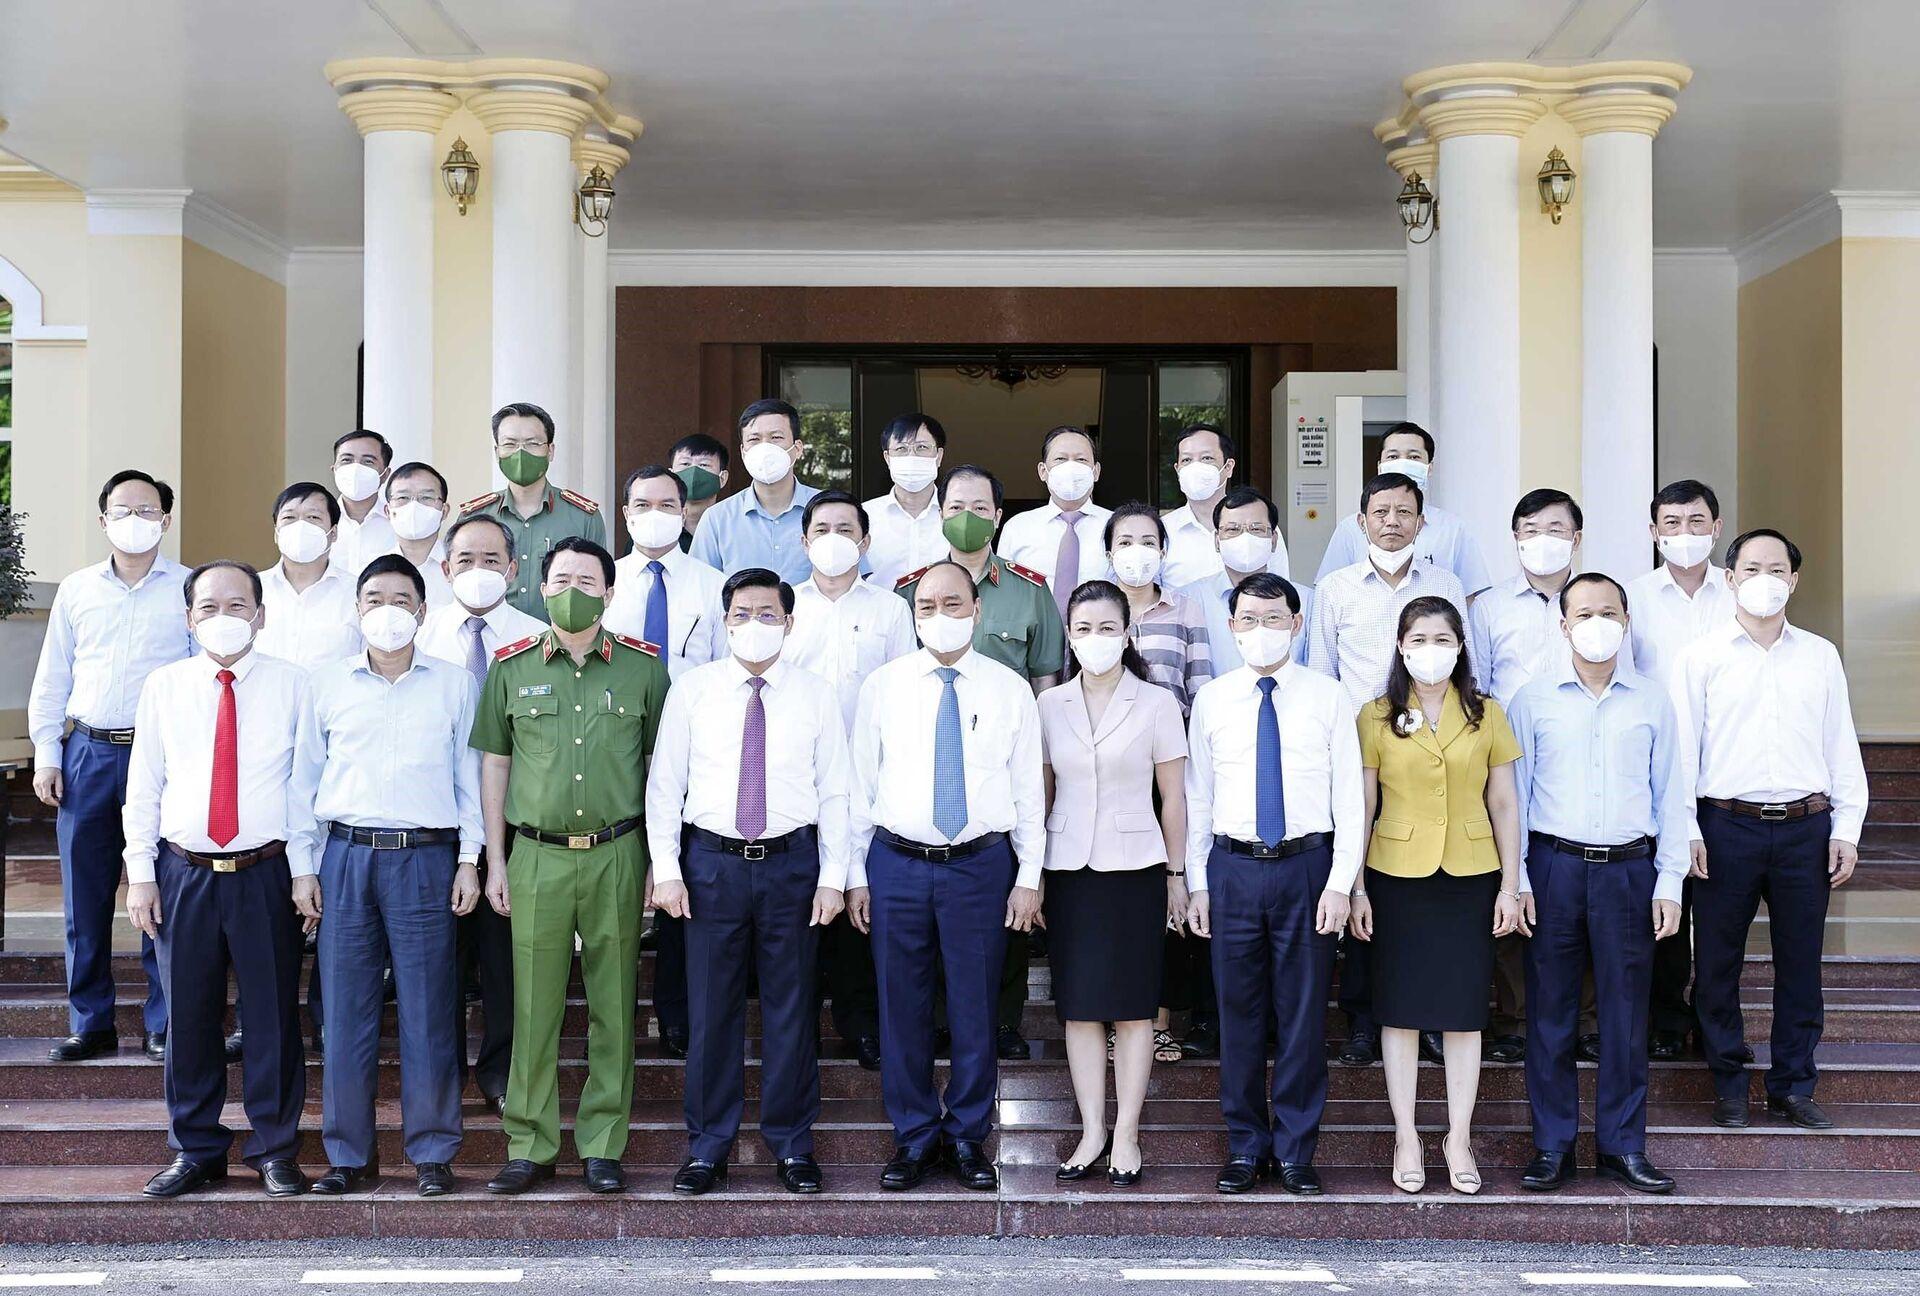 Chủ tịch nước Nguyễn Xuân Phúc với các đồng chí lãnh đạo chủ chốt tỉnh Bắc Giang tham dự buổi làm việc. - Sputnik Việt Nam, 1920, 05.10.2021